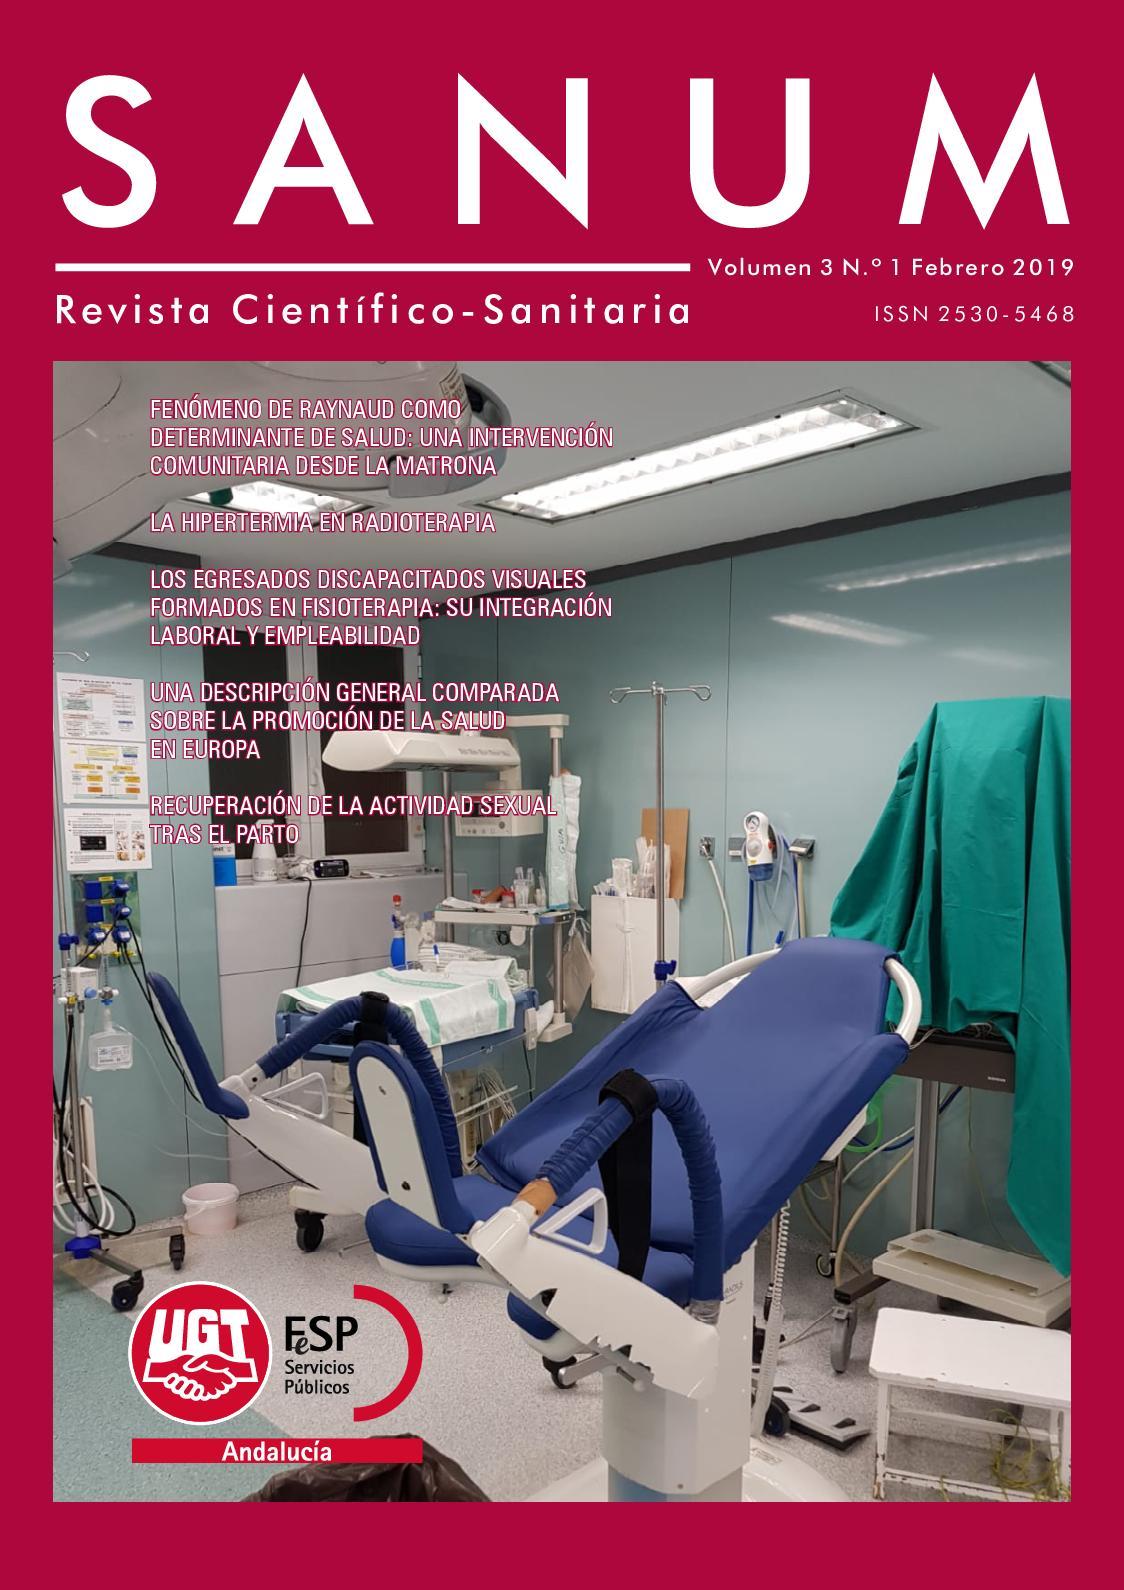 referencias de revistas revisadas por pares sobre diabetes